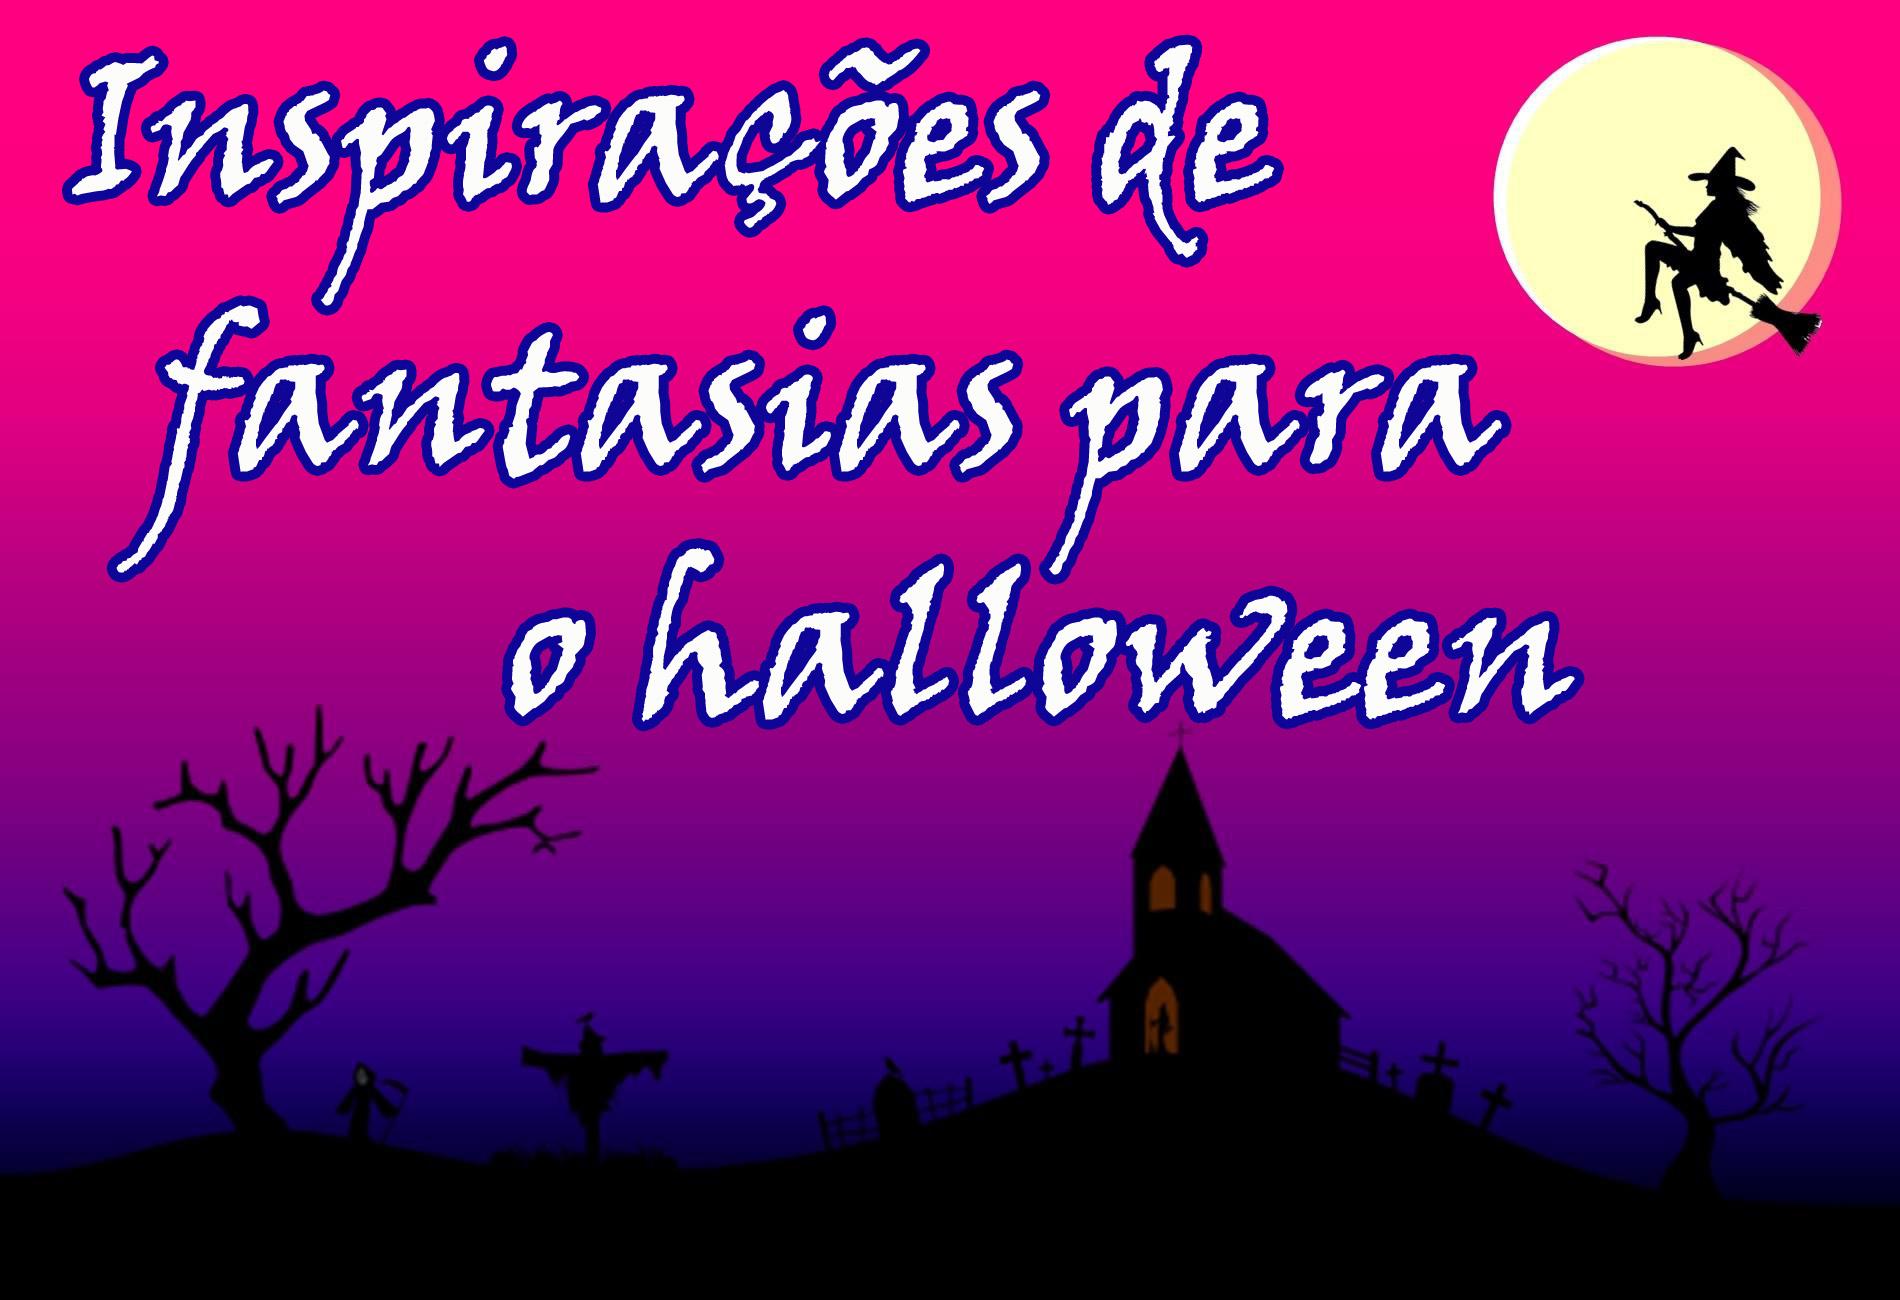 Inspirações de fantasias para o halloween